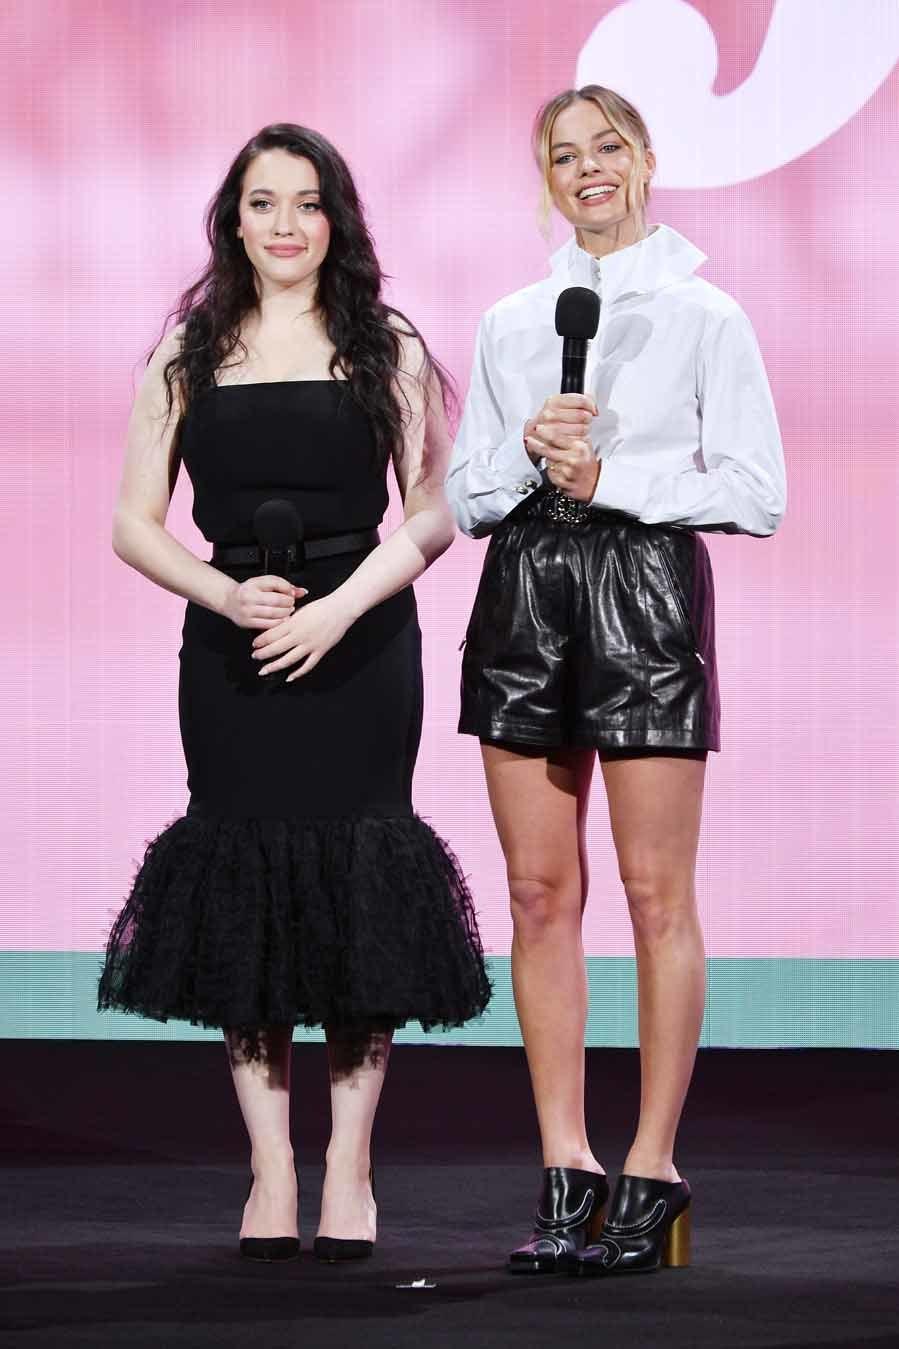 f9b8ddcf4 Kat Dennings y Margot Robbie - Gala de la plataforma Hulu   Moda ...